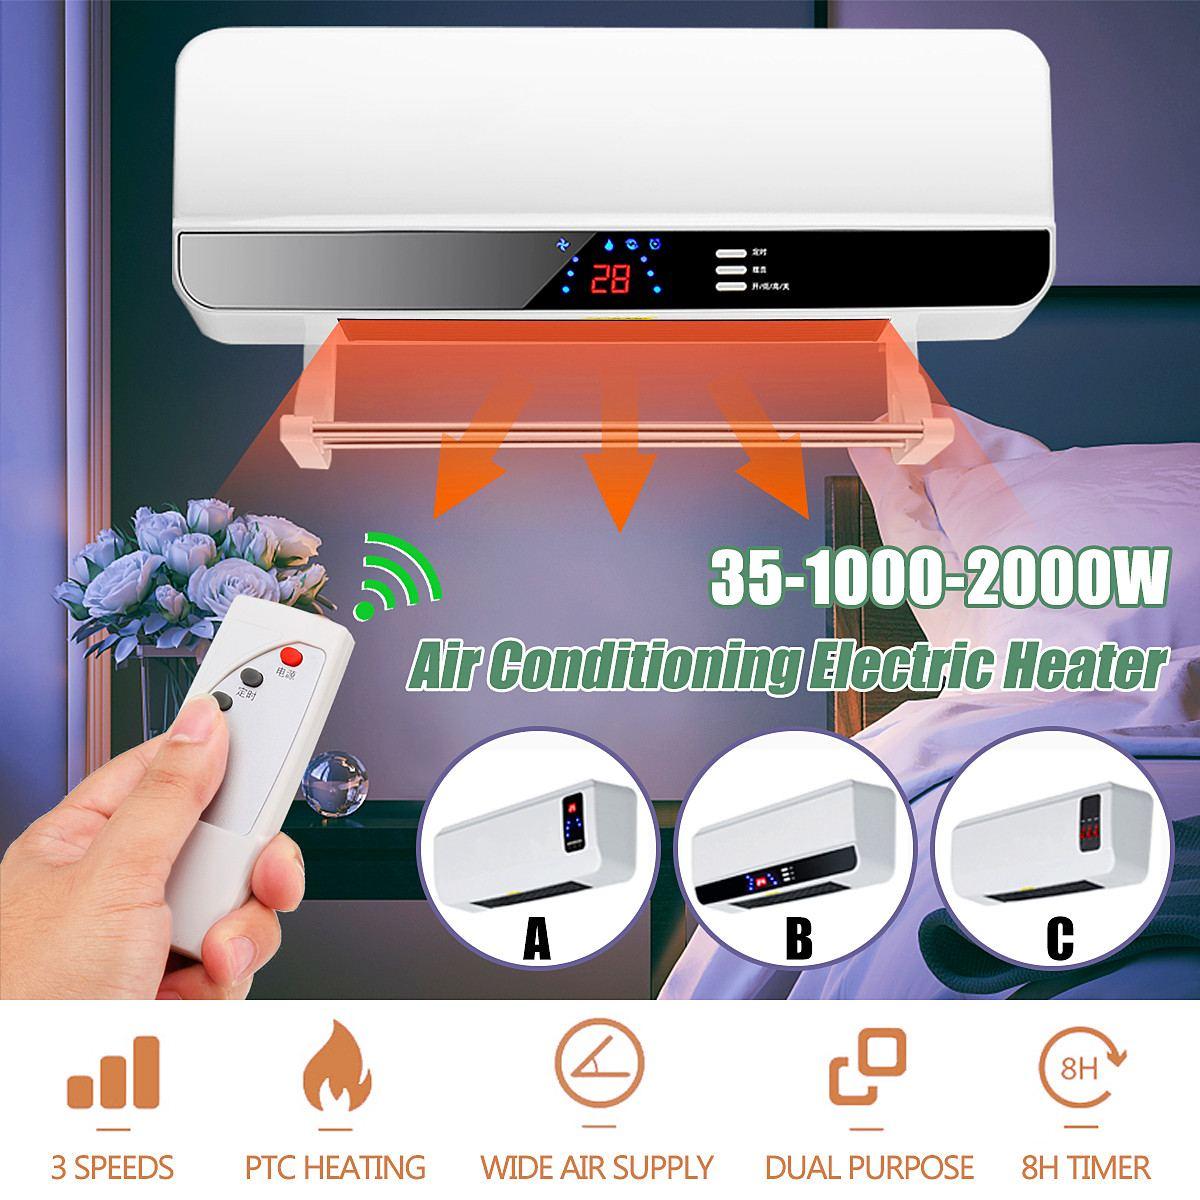 220 V 2000 W Dinding Remote Control Pemanas Rumah Hemat Energi Pemanas Pemanas Kipas Kamar Mandi Mandi Air Panas pemanas Udara